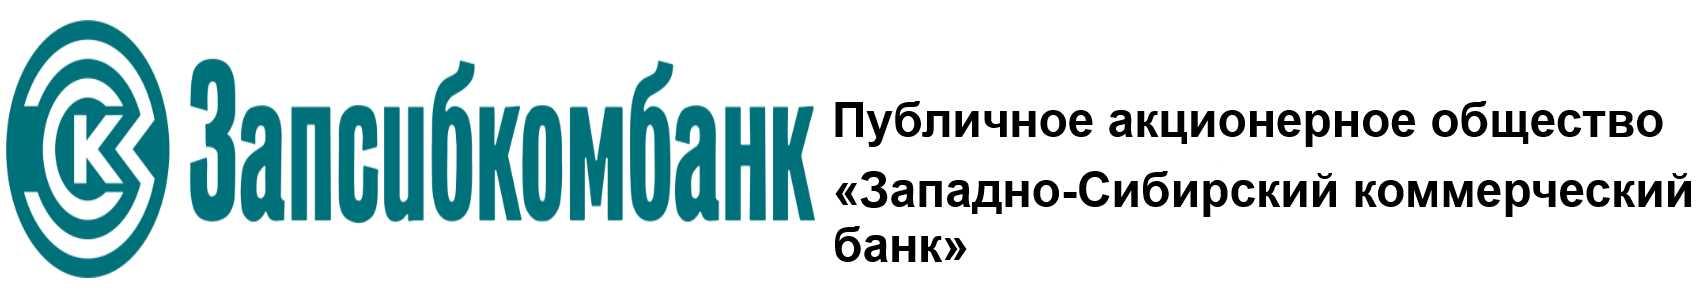 ПАО «Западно-Сибирский коммерческий банк»